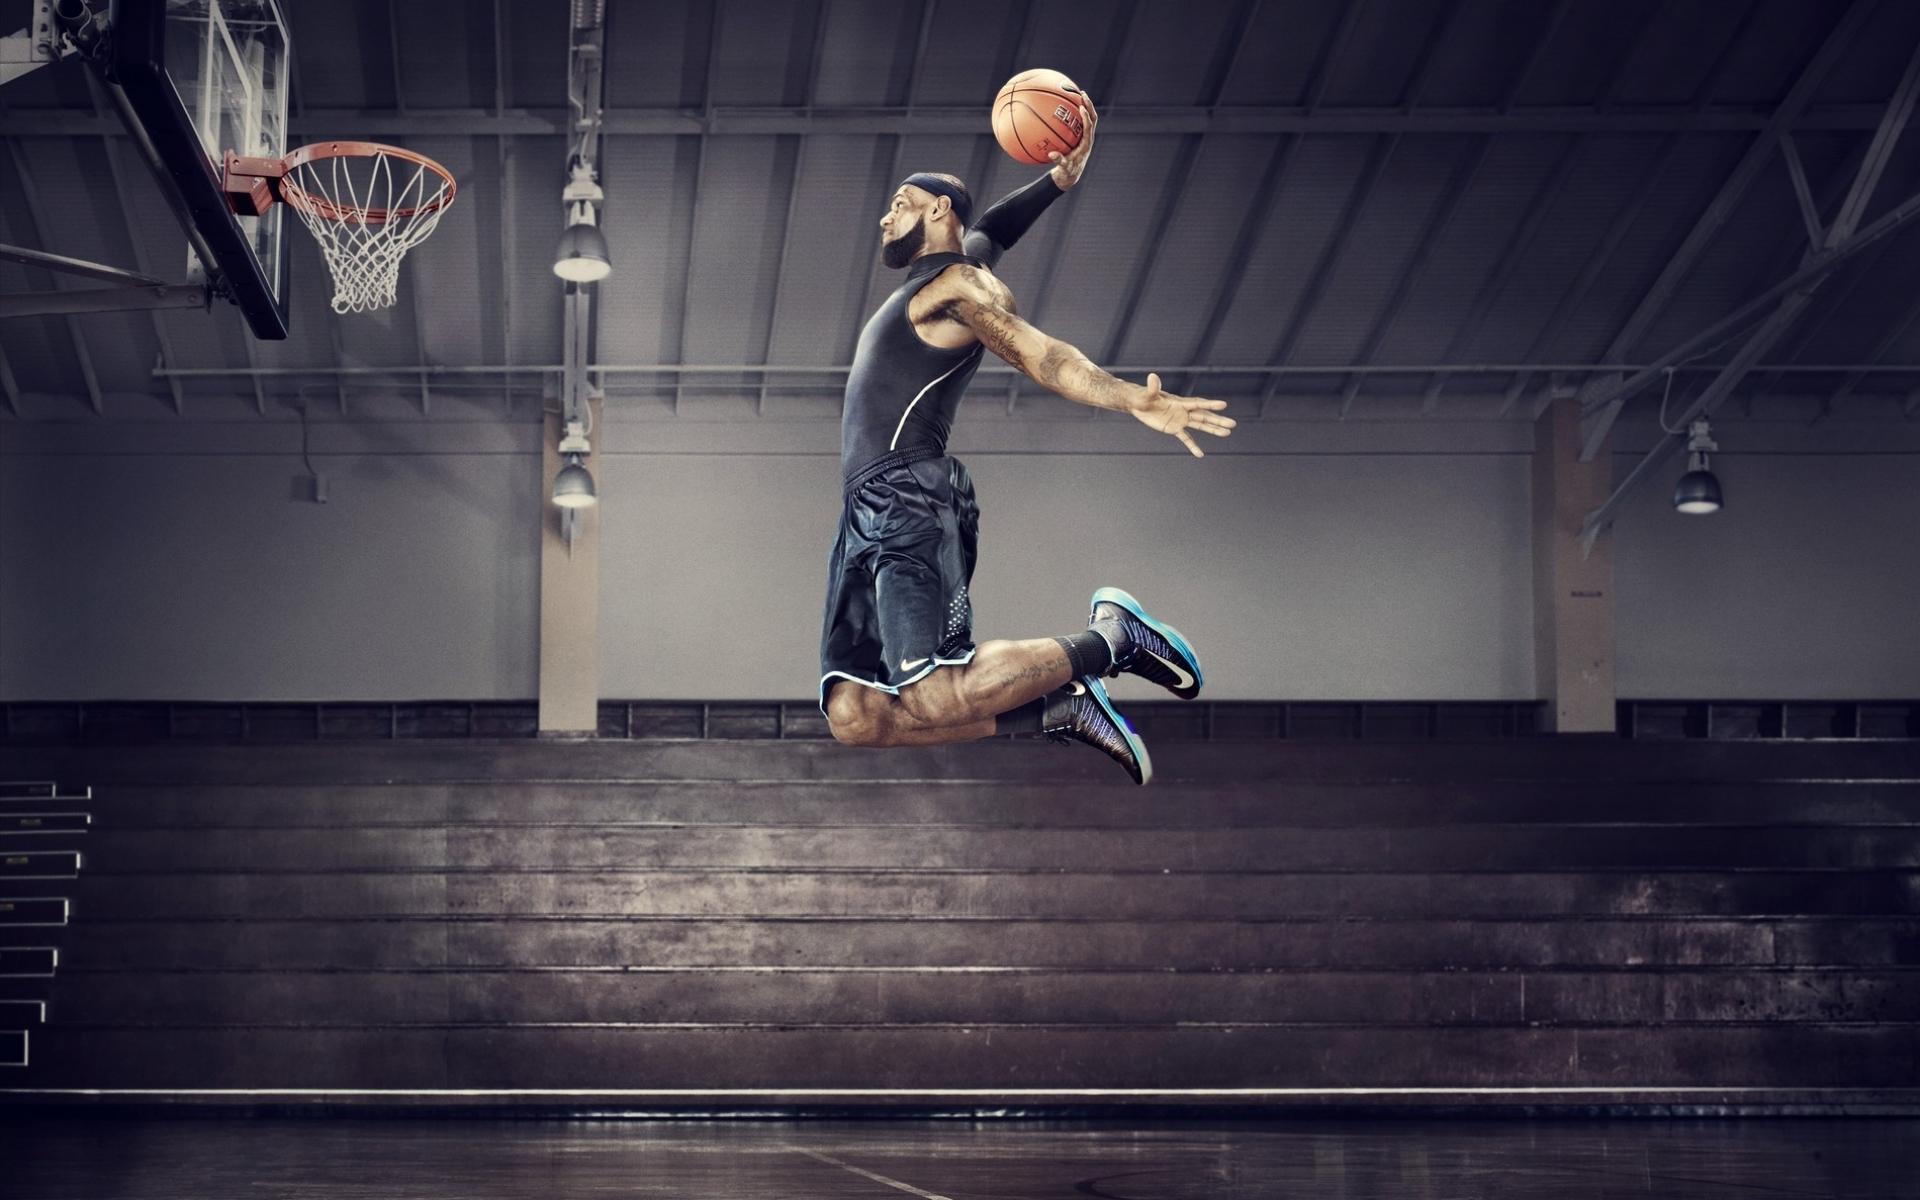 Nike Wallpaper Nba: Nba Basketball Nike Lebron James Wallpaper